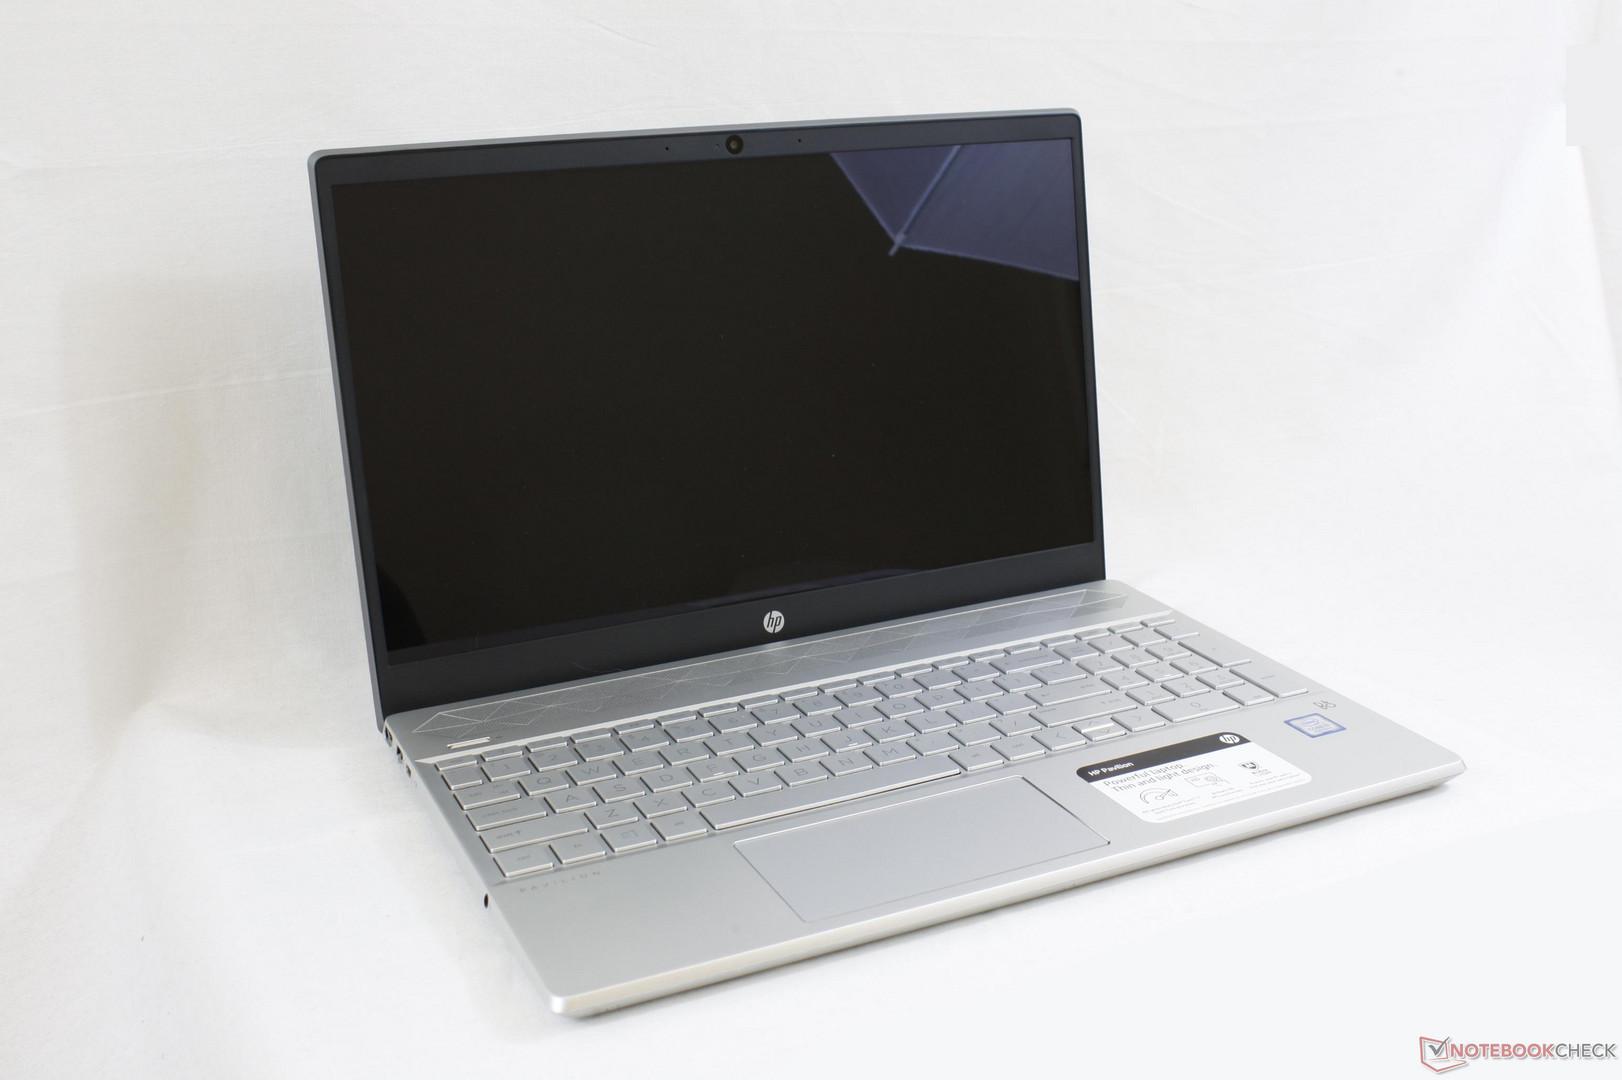 HP Pavilion 15-cs0053cl (i5-8250U, HD) Laptop Review